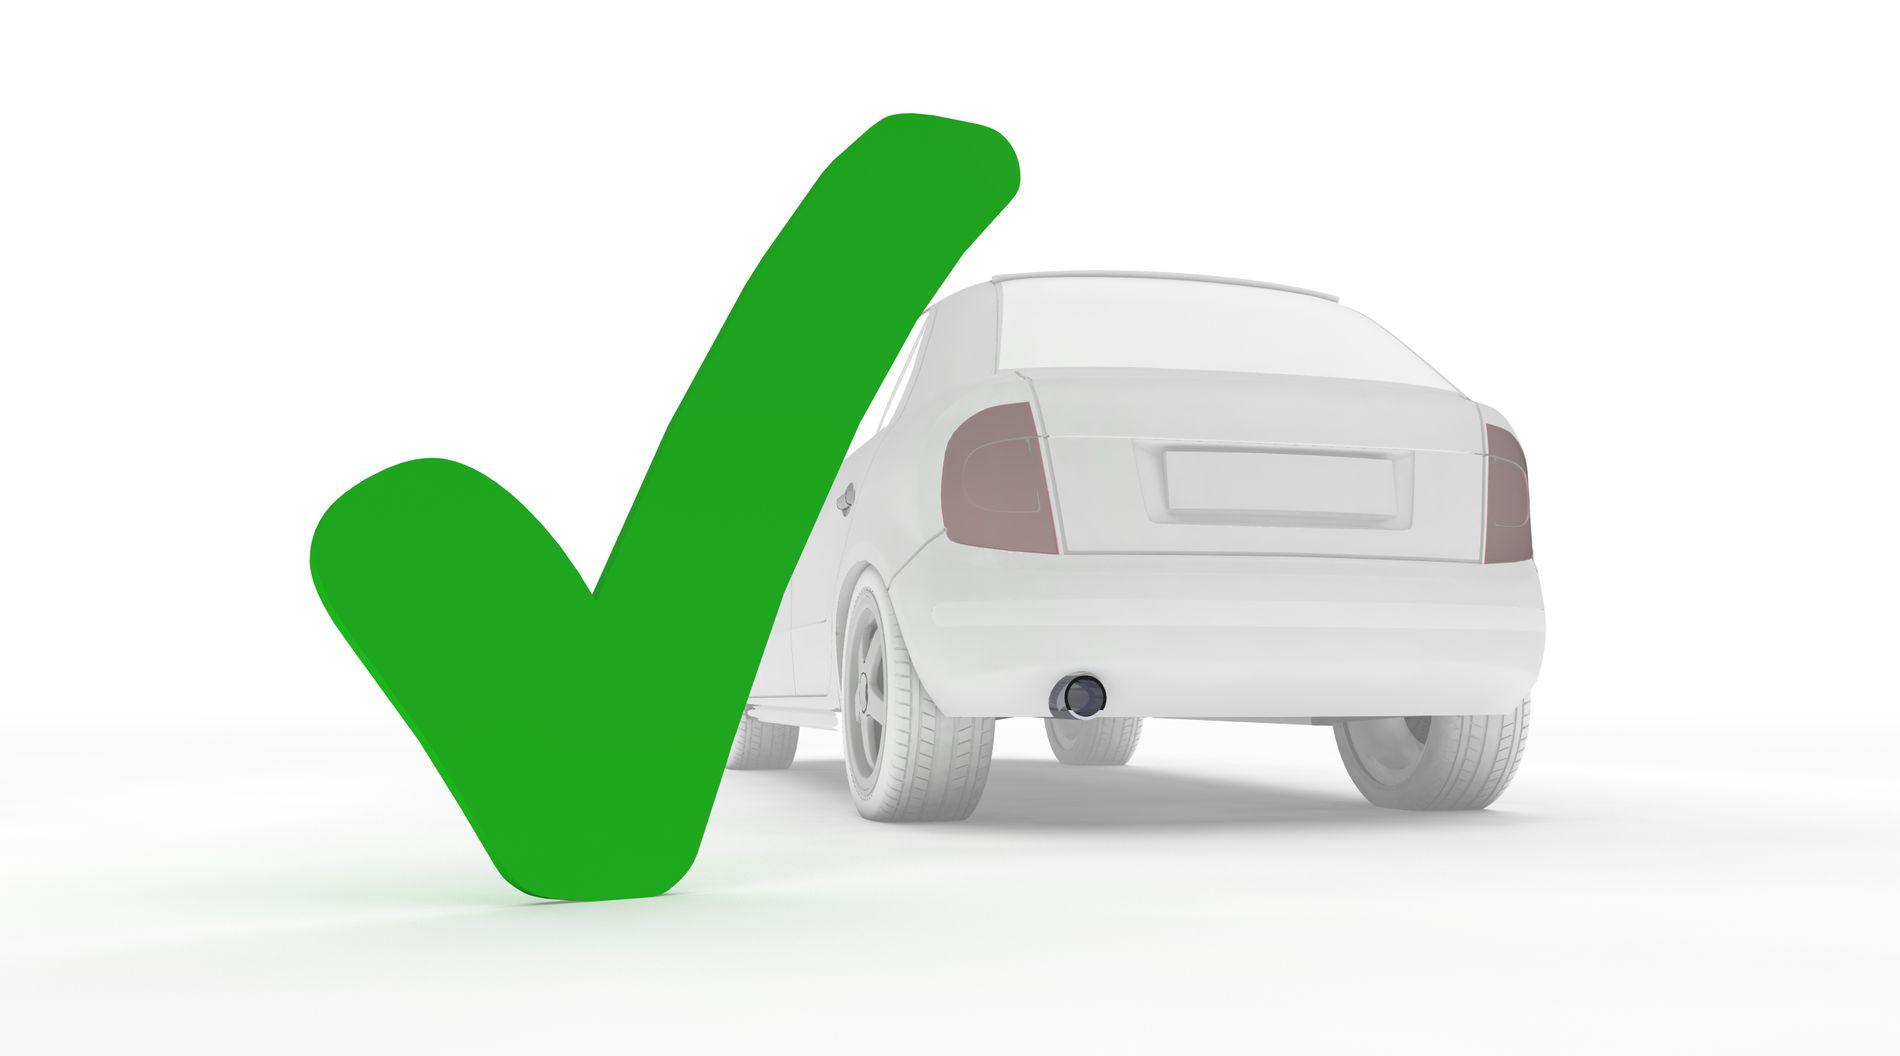 RASK SJEKK: Du bør undersøke to ting på bilen før du drar på tur, mener innsenderen. Illustrasjon: Pixel-3D / Shutterstock / NTB scanpix